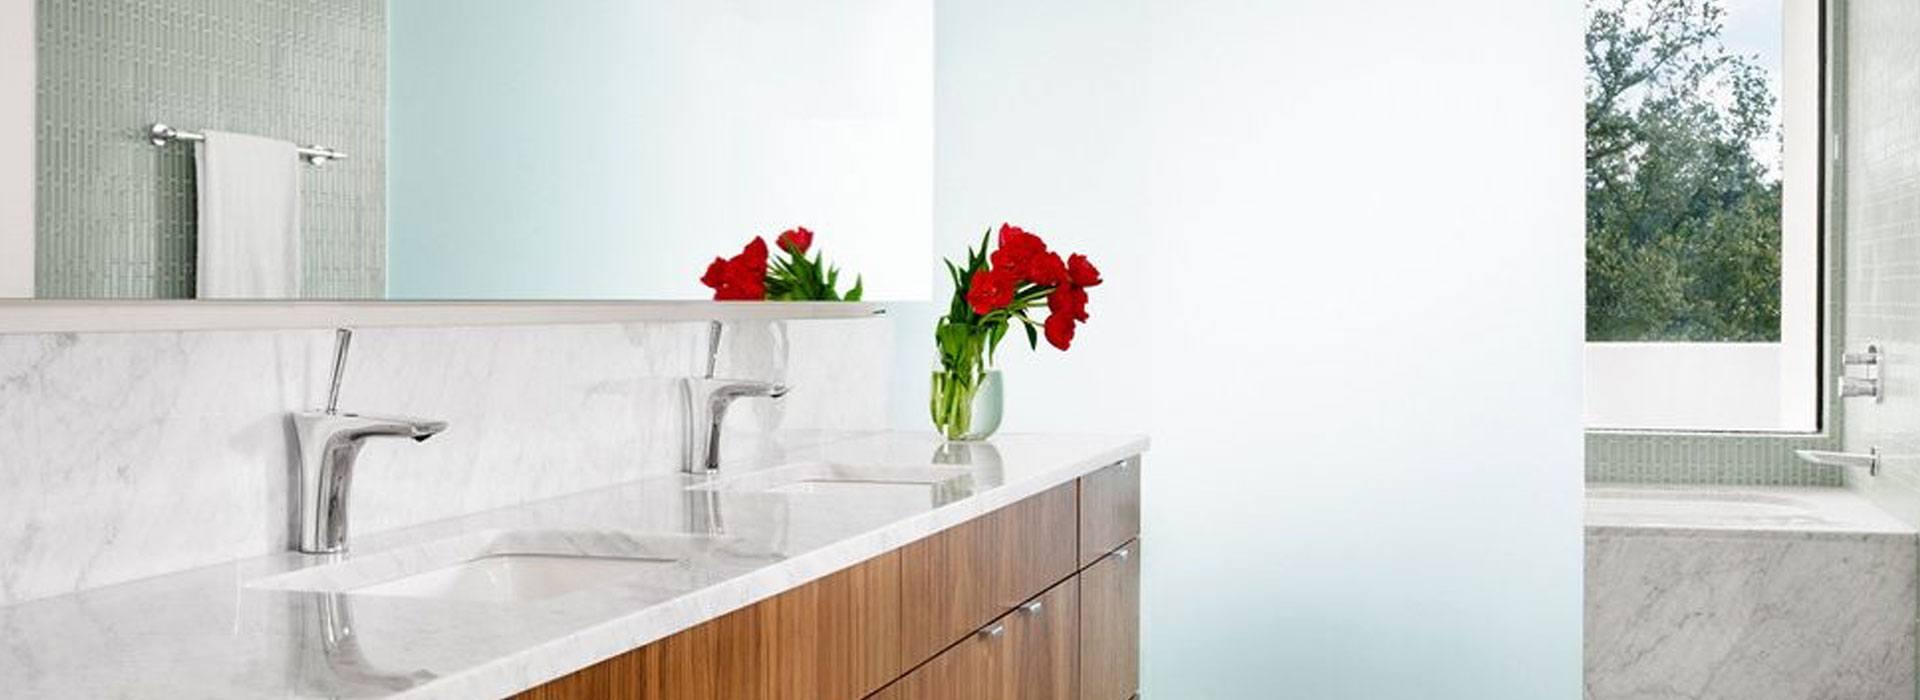 Shower Enclosures | Anchor-Ventana Glass Company | Austin Glass